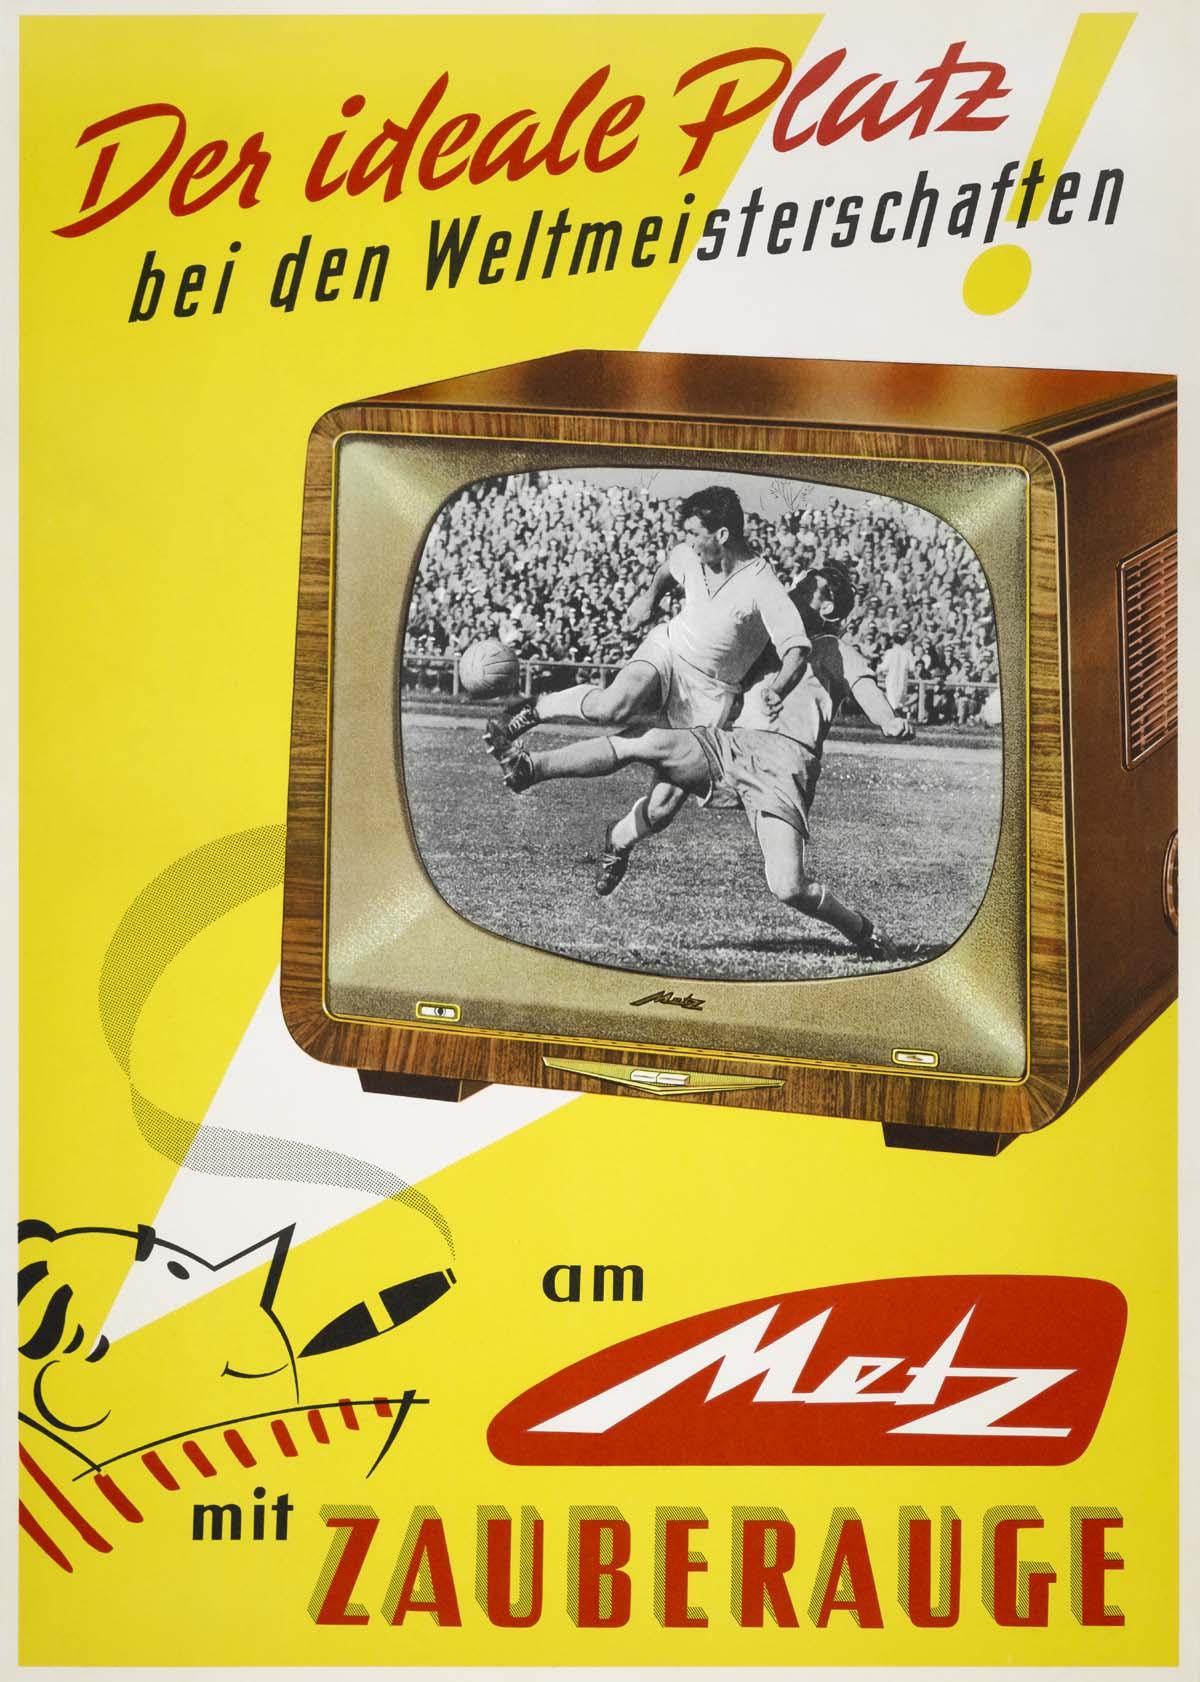 Metz TV mit Zauberauge zur automatischen Anpassung der Helligkeit